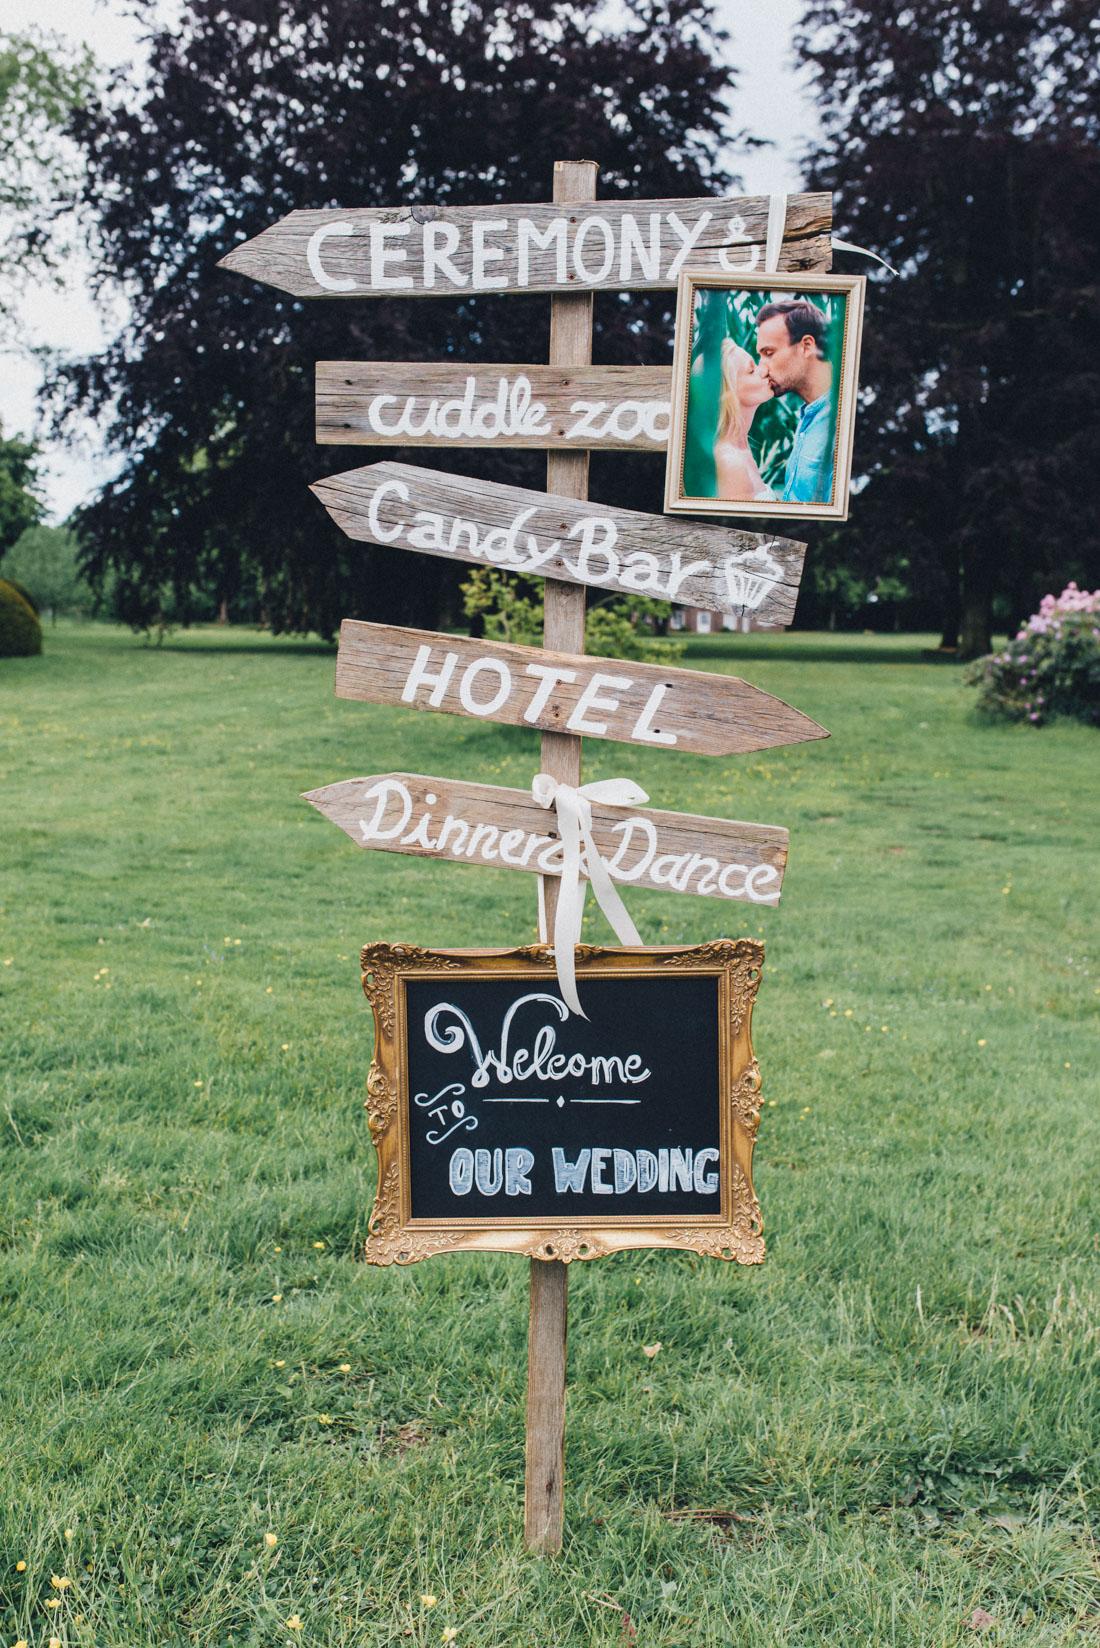 pastel-vintage-hertefeld-75 hochzeitsfotograf schloss hertefeldGalina & Robert DIY Pastel Vintage Hochzeit auf Schloss Hertefeldpastel vintage hertefeld 75